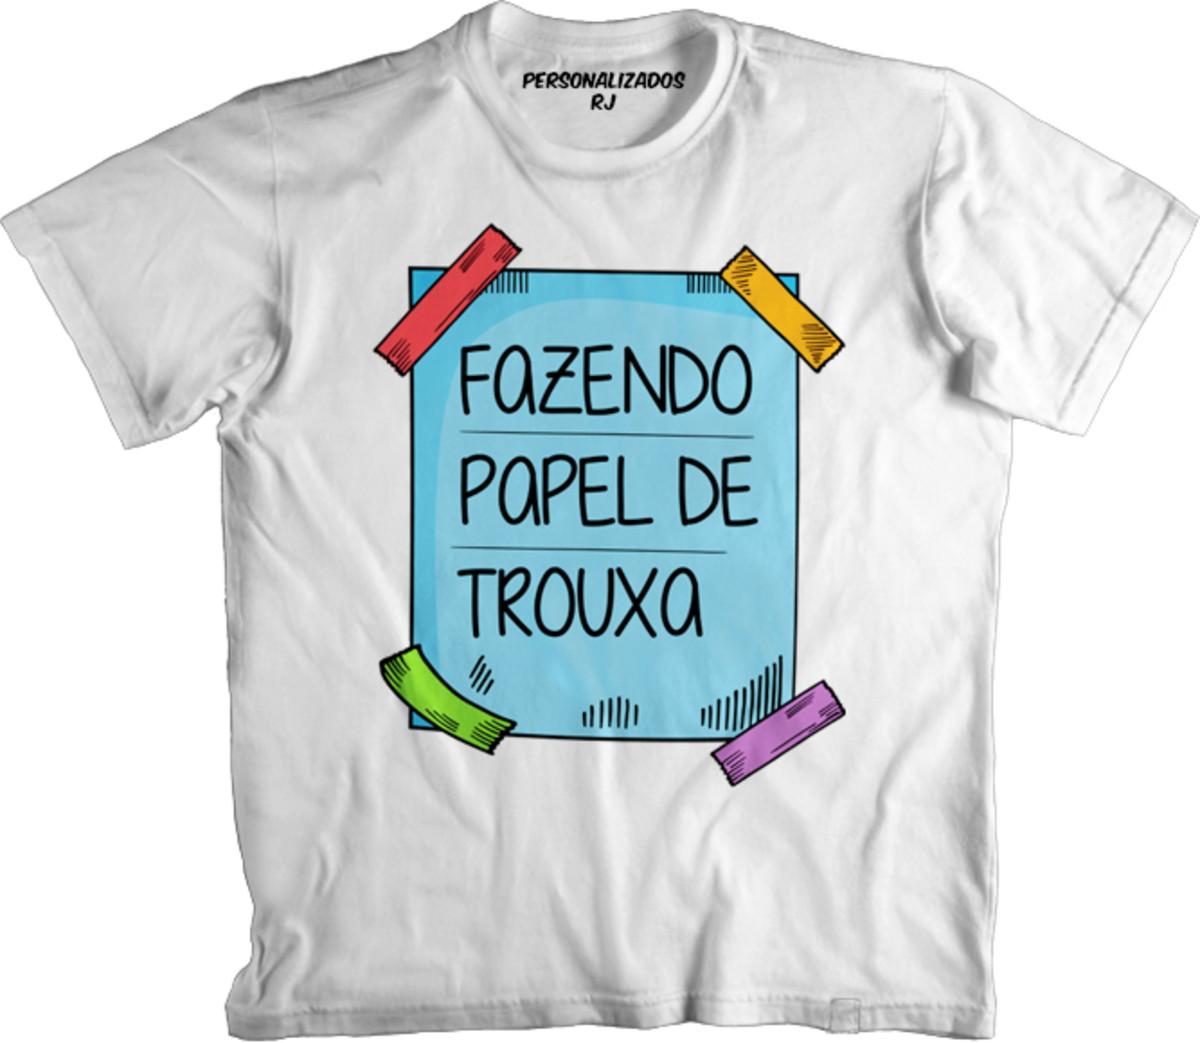 Camisa FAZENDO PAPEL DE TROUXA no Elo7 | PERSONALIZADOS RJ (1438C13)